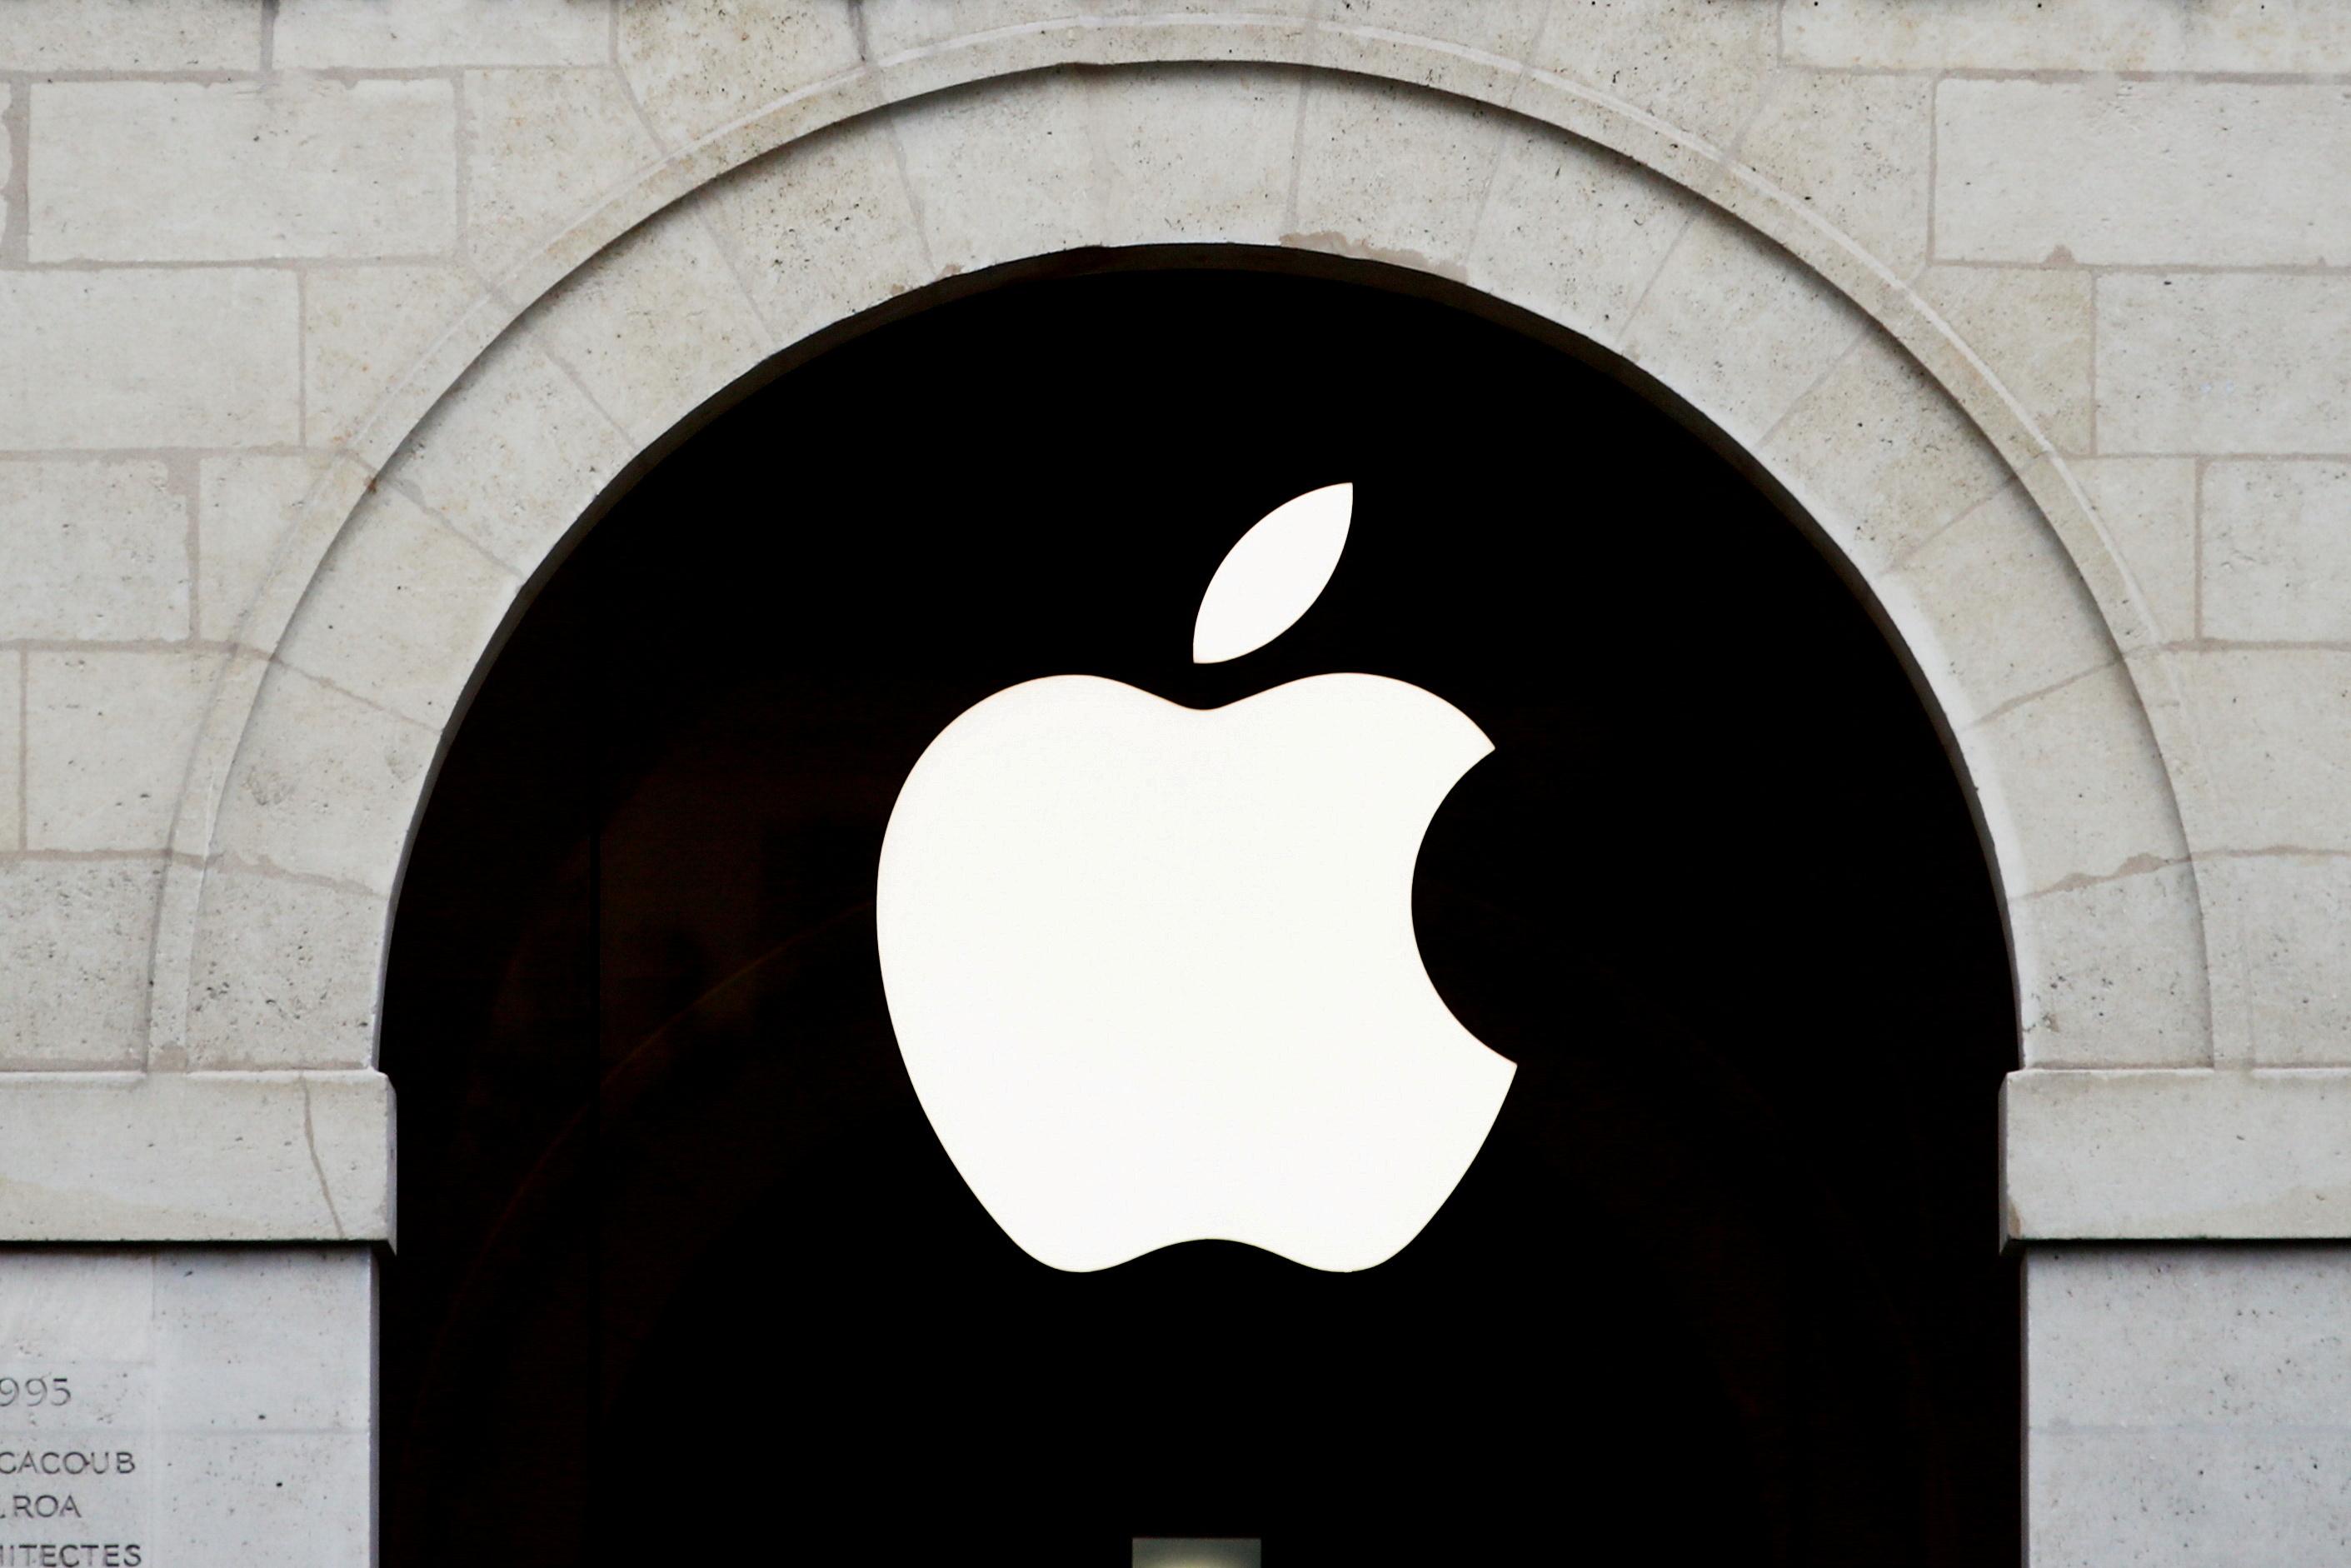 El logotipo de Apple se ve en la tienda de Apple en The Marche Saint Germain en París, Francia, el 15 de julio de 2020. REUTERS / Gonzalo Fuentes